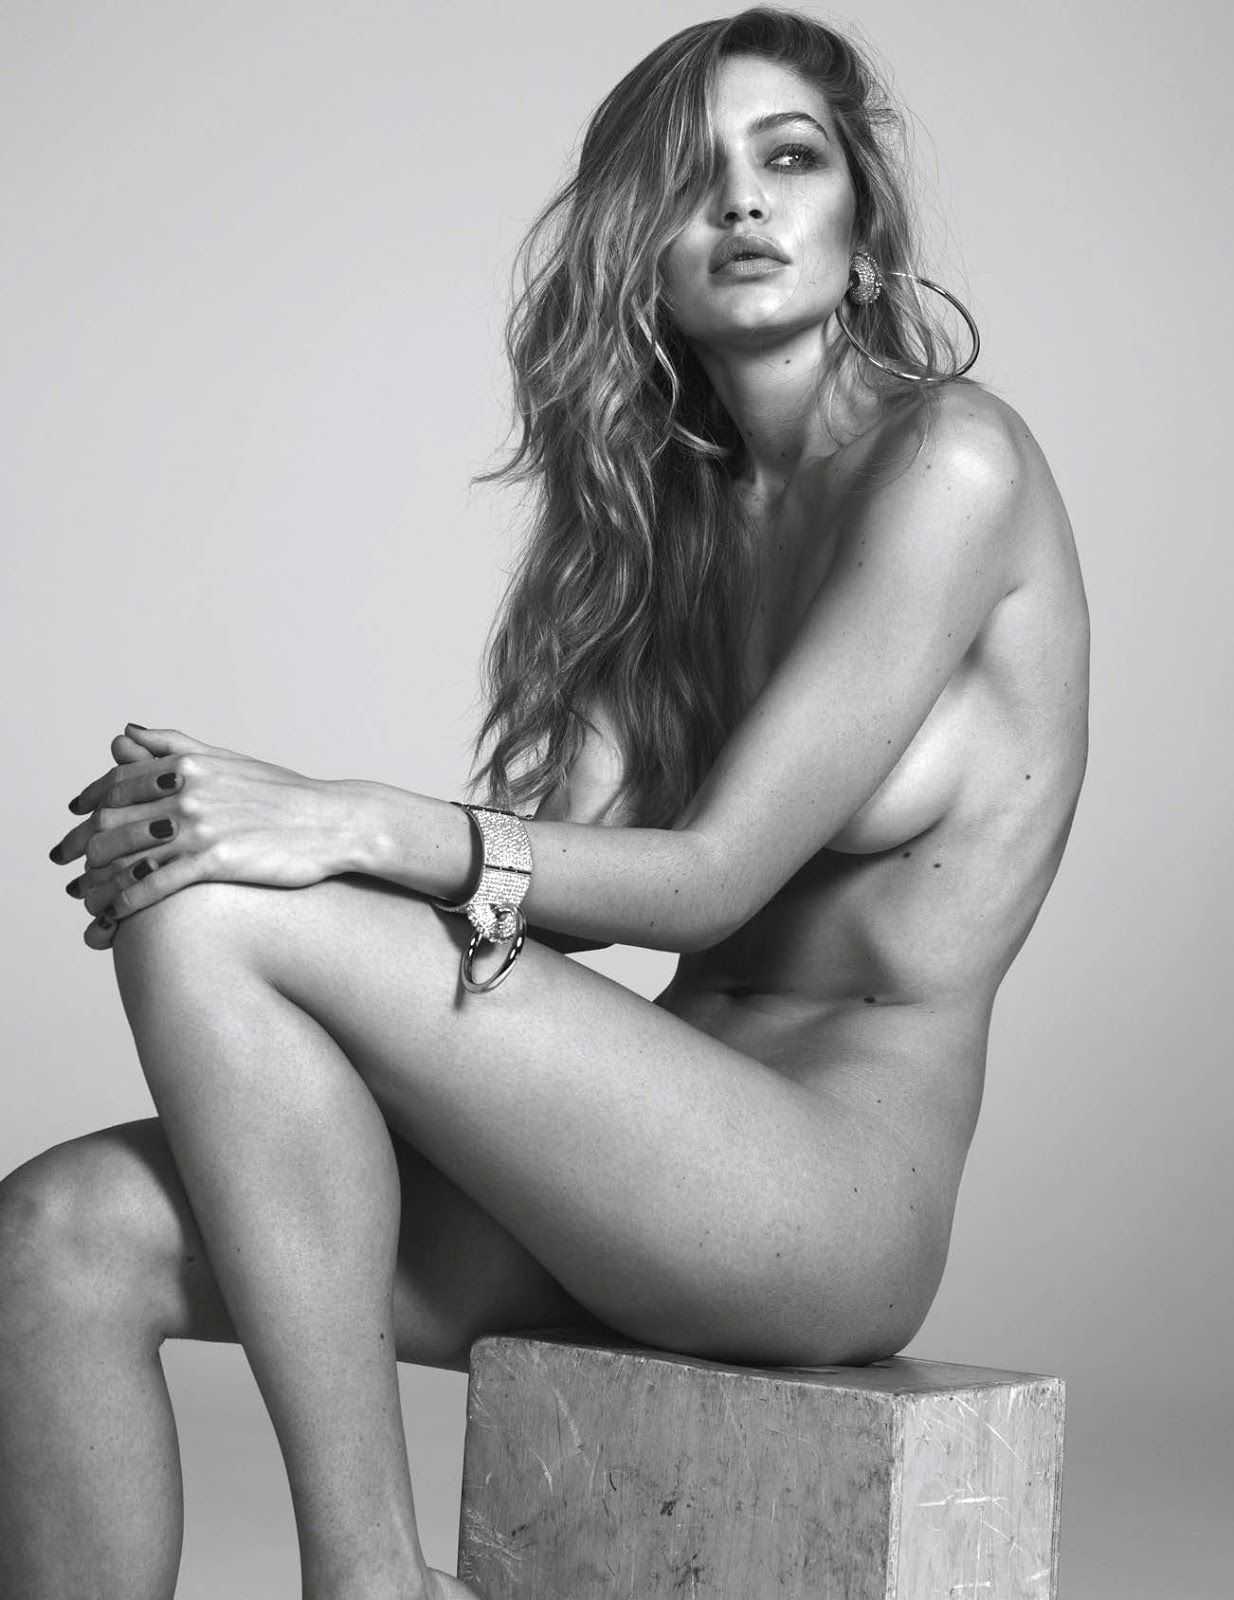 Gigi Hadid stunning pic